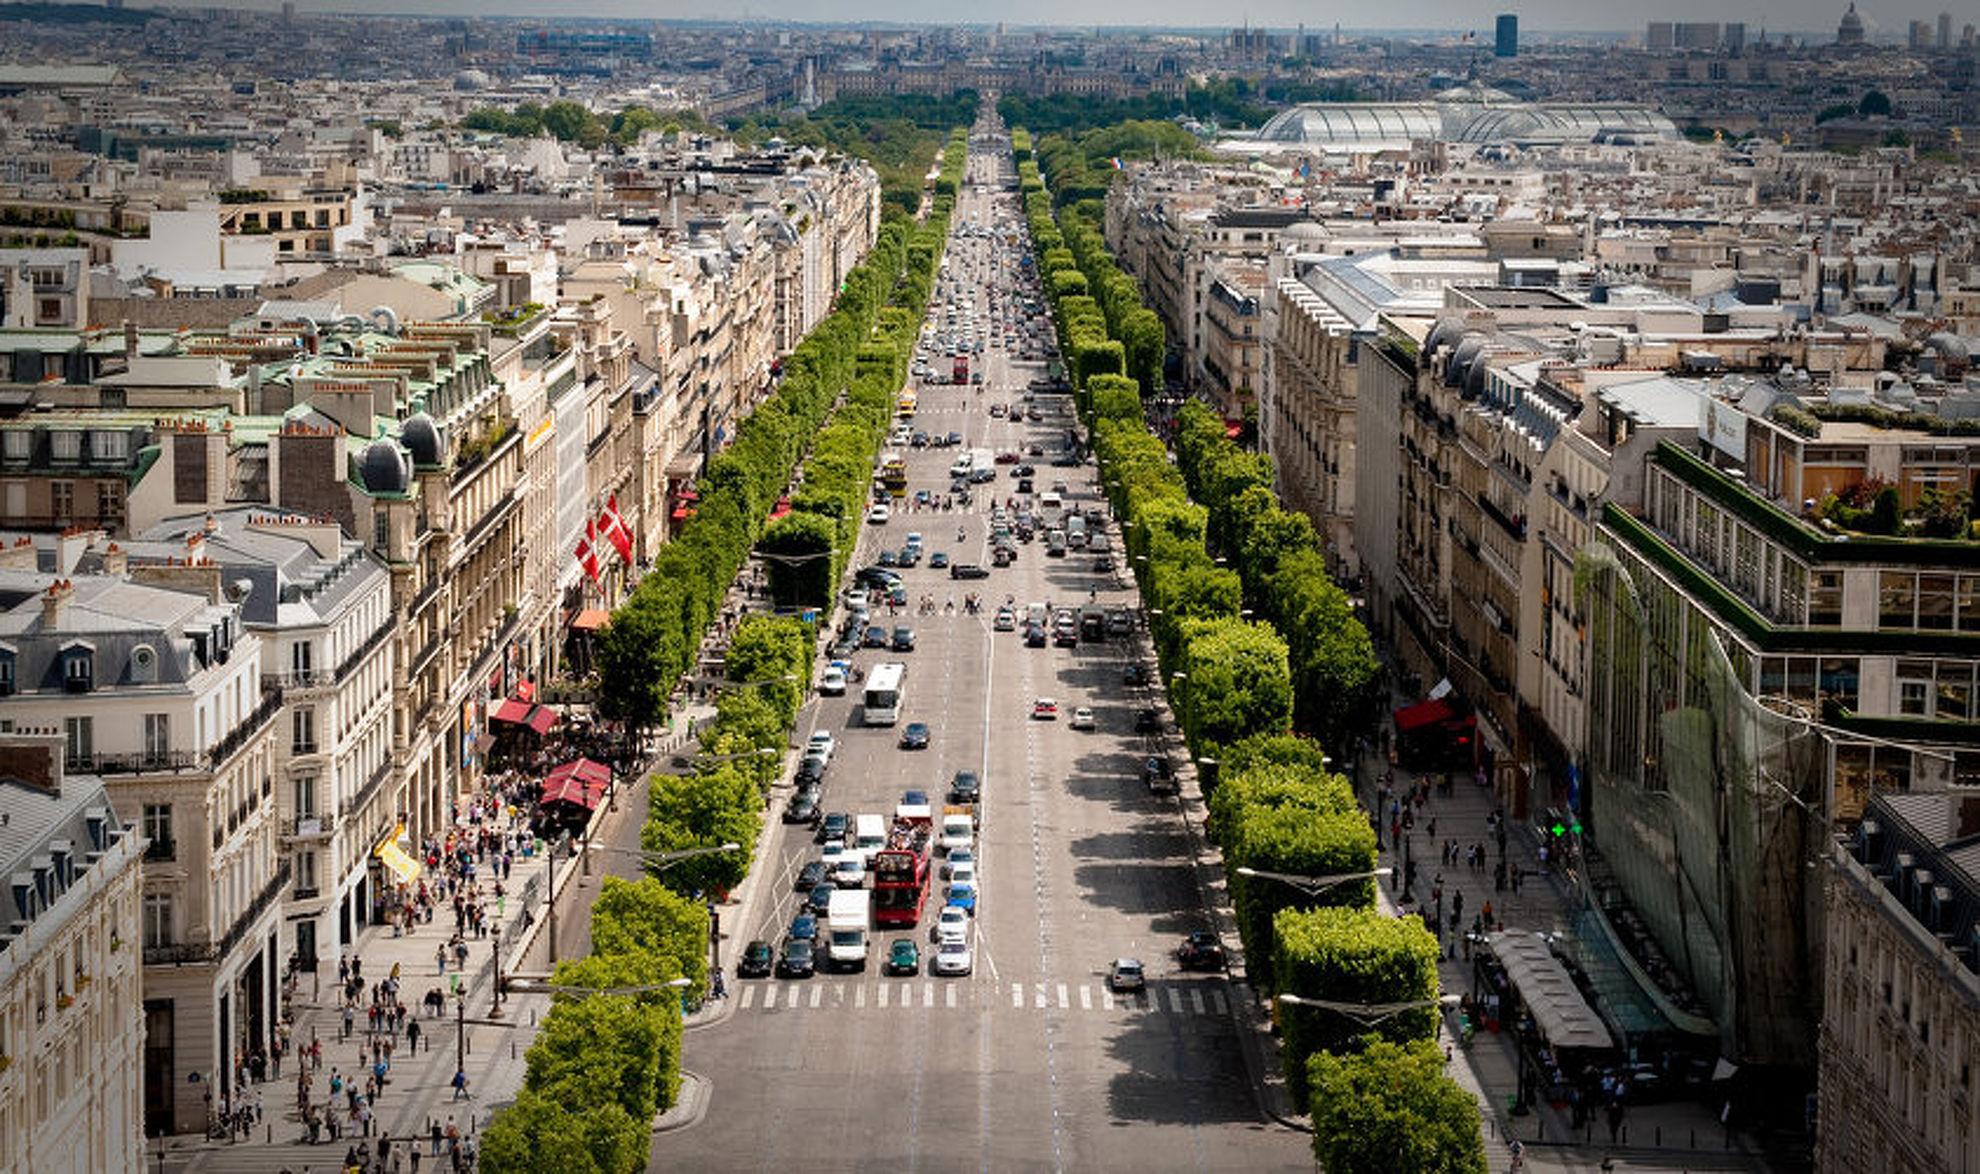 Explore Avenue des Champs Elysees